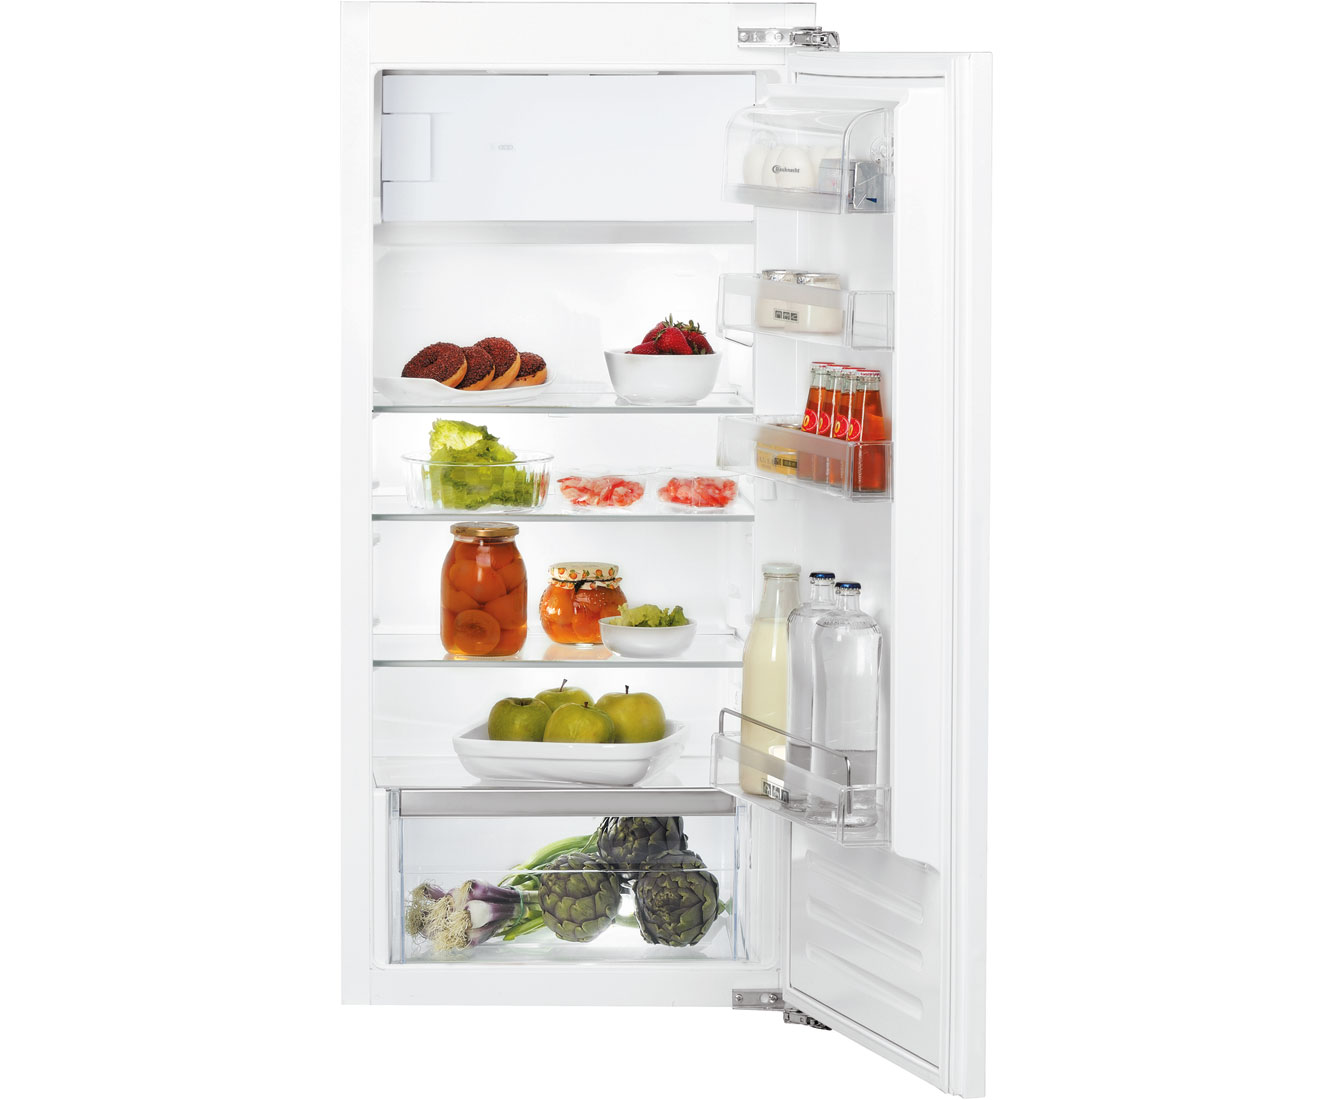 Mini Kühlschrank Mit Gefrierfach Für Pizza : Kühlschränke gefrierfach a preisvergleich u die besten angebote